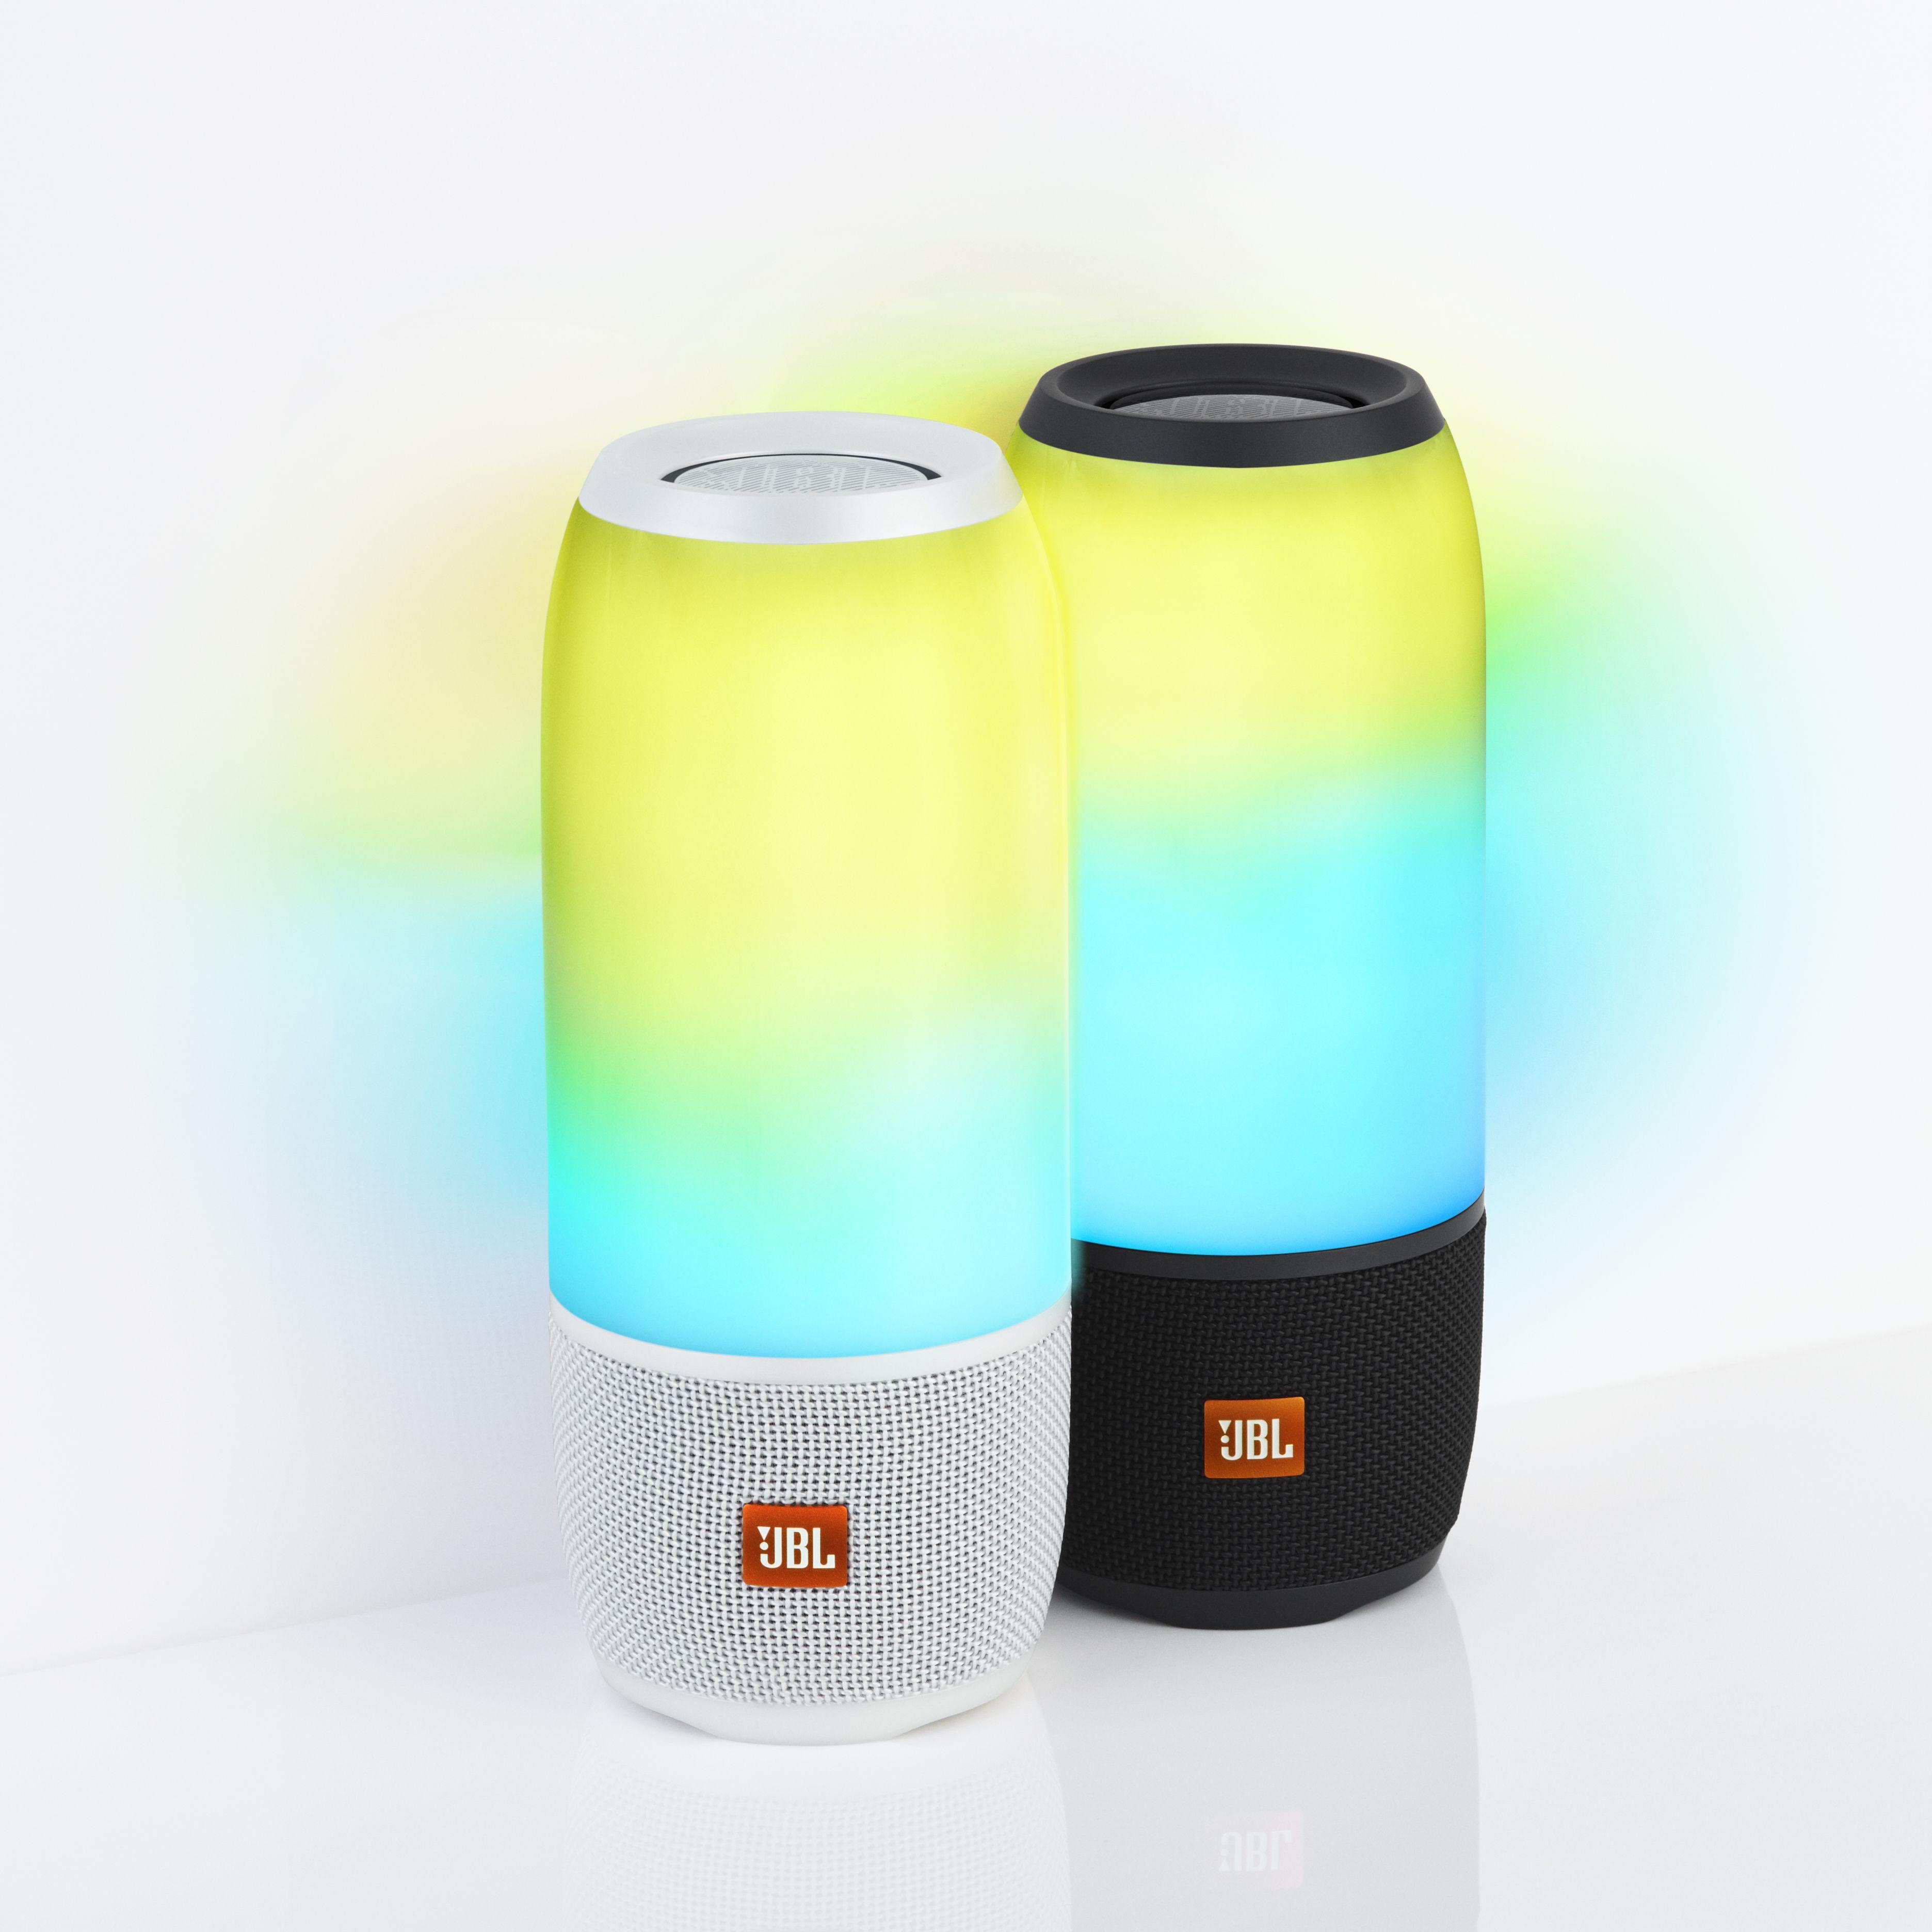 Enceinte Jbl Salle De Bain ~ light it up harman s latest jbl pulse 3 bluetooth speaker is ready